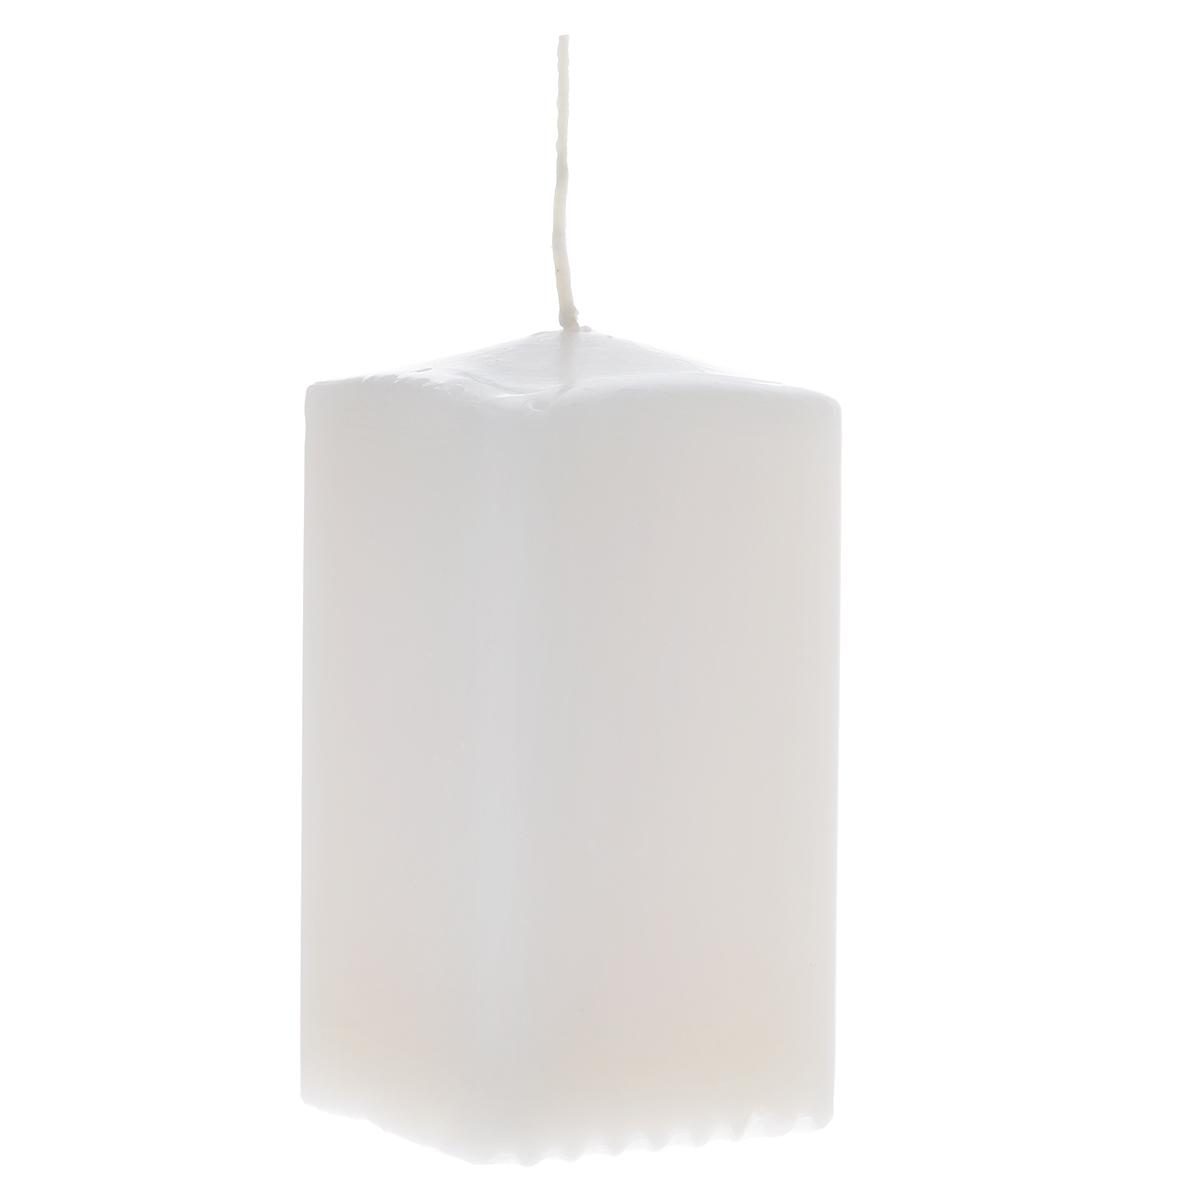 Свеча Sima-land Аромат огня, цвет: белый, высота 10 см. 175474175474Свеча Sima-land Аромат огня выполнена из парафина в классическом стиле. Изделие порадует вас ярким дизайном. Такую свечу можно поставить в любое место и она станет ярким украшением интерьера. Свеча Sima-land Аромат огня создаст незабываемую атмосферу, будь то торжество, романтический вечер или будничный день.